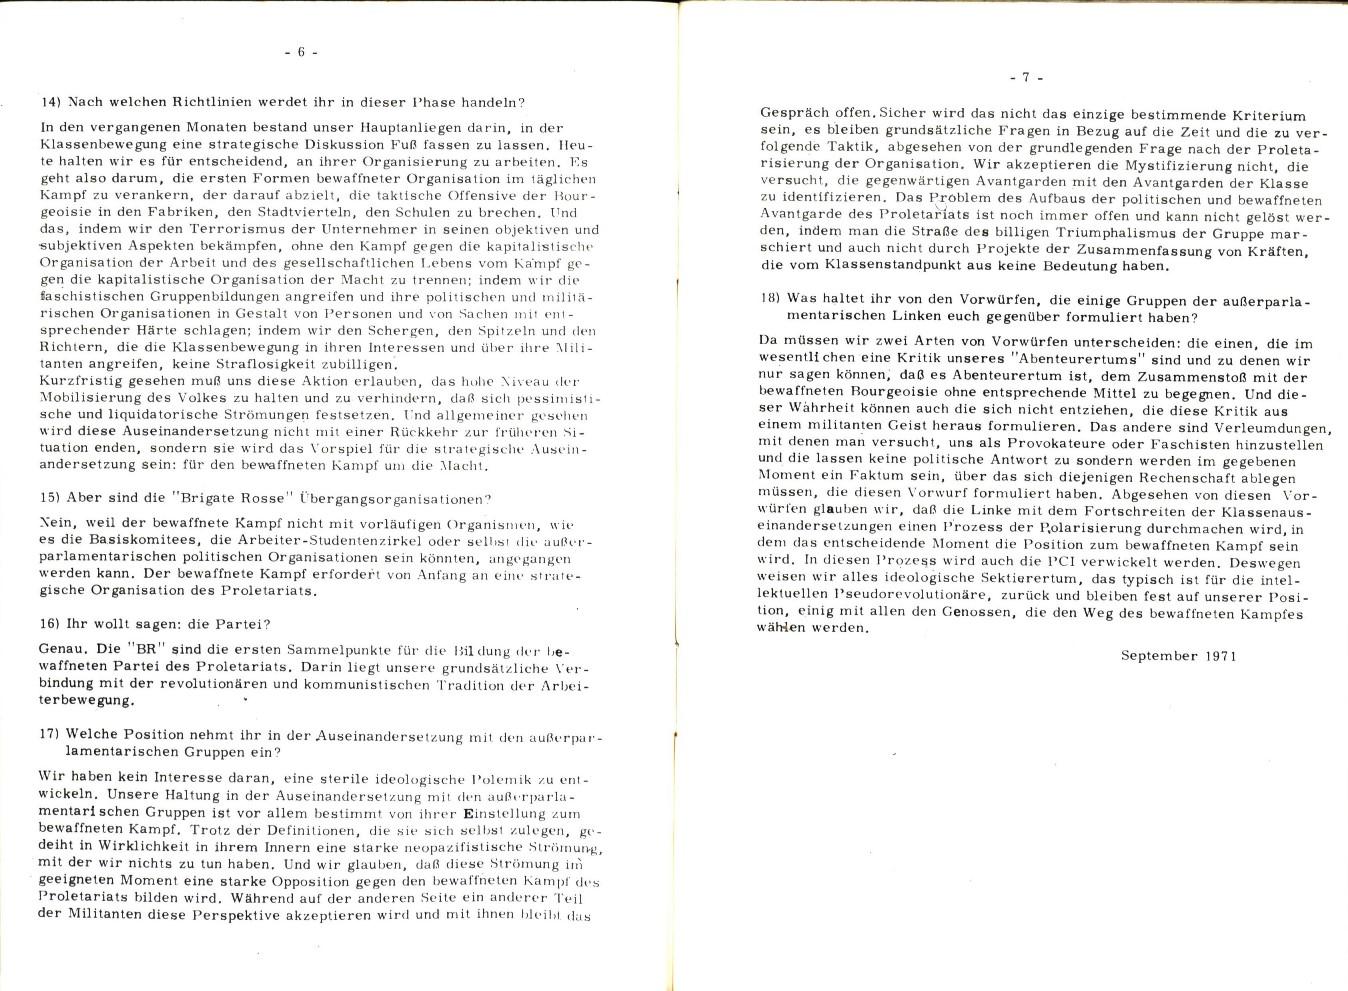 Brigate_Rosse_1974_Bewaffneter_Kampf_05